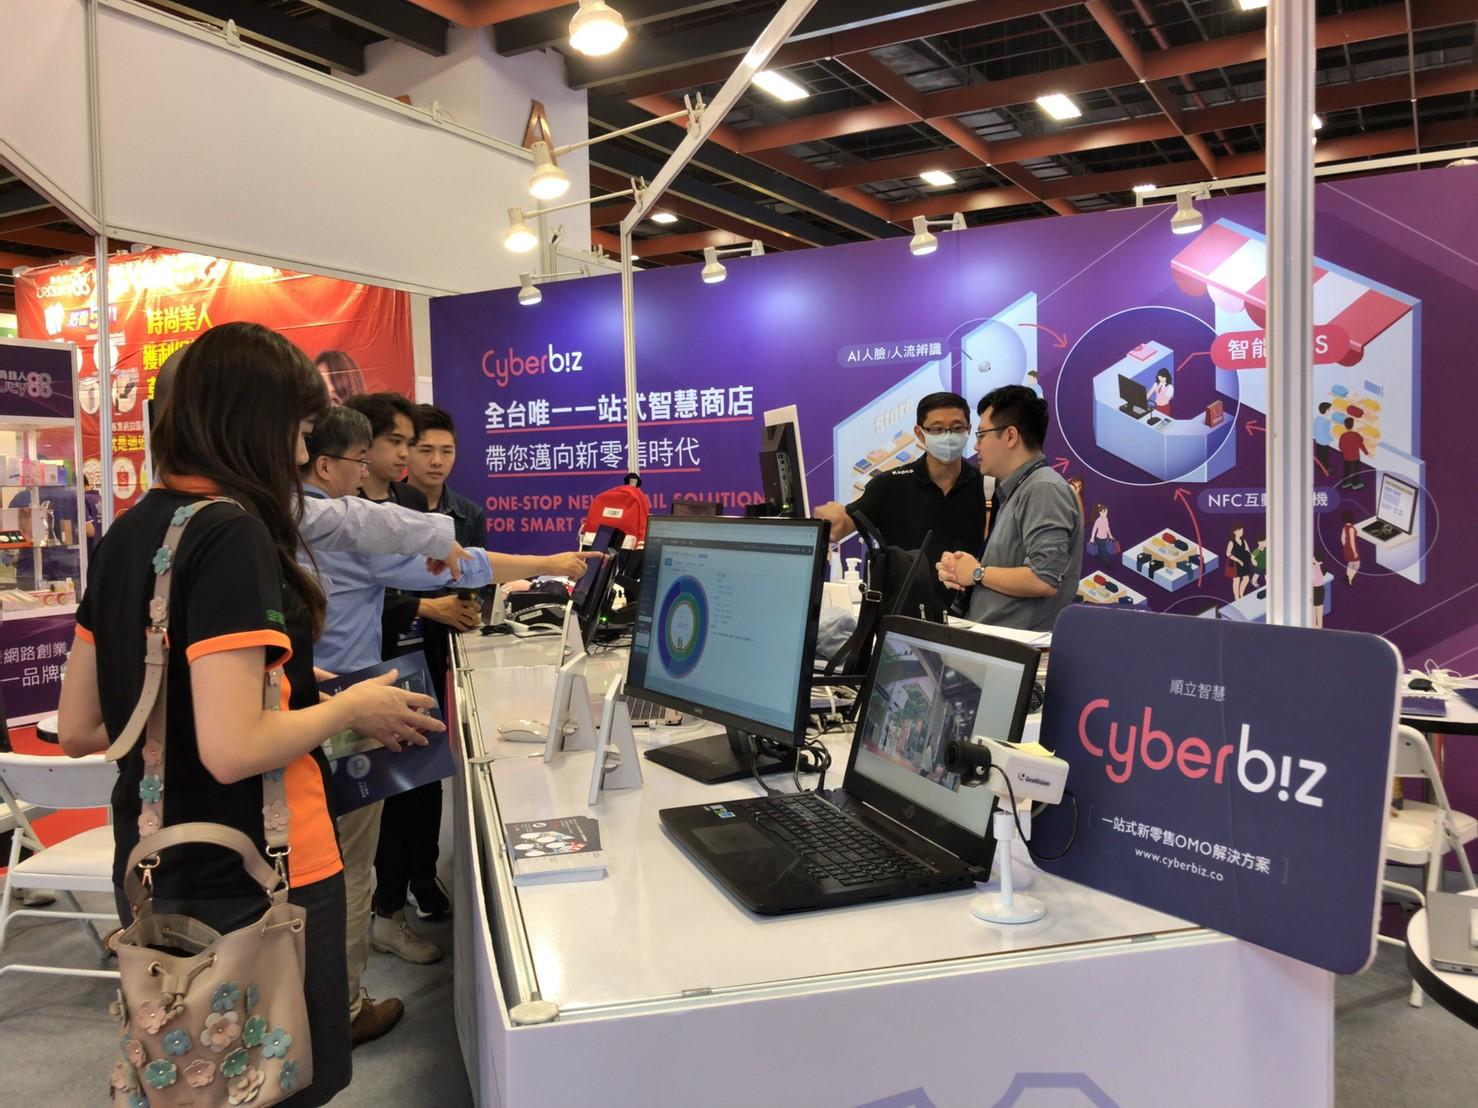 Cyberbiz POS 後台能佈達營運指令,控制多種智慧商店設備。/圖:Cyberbiz